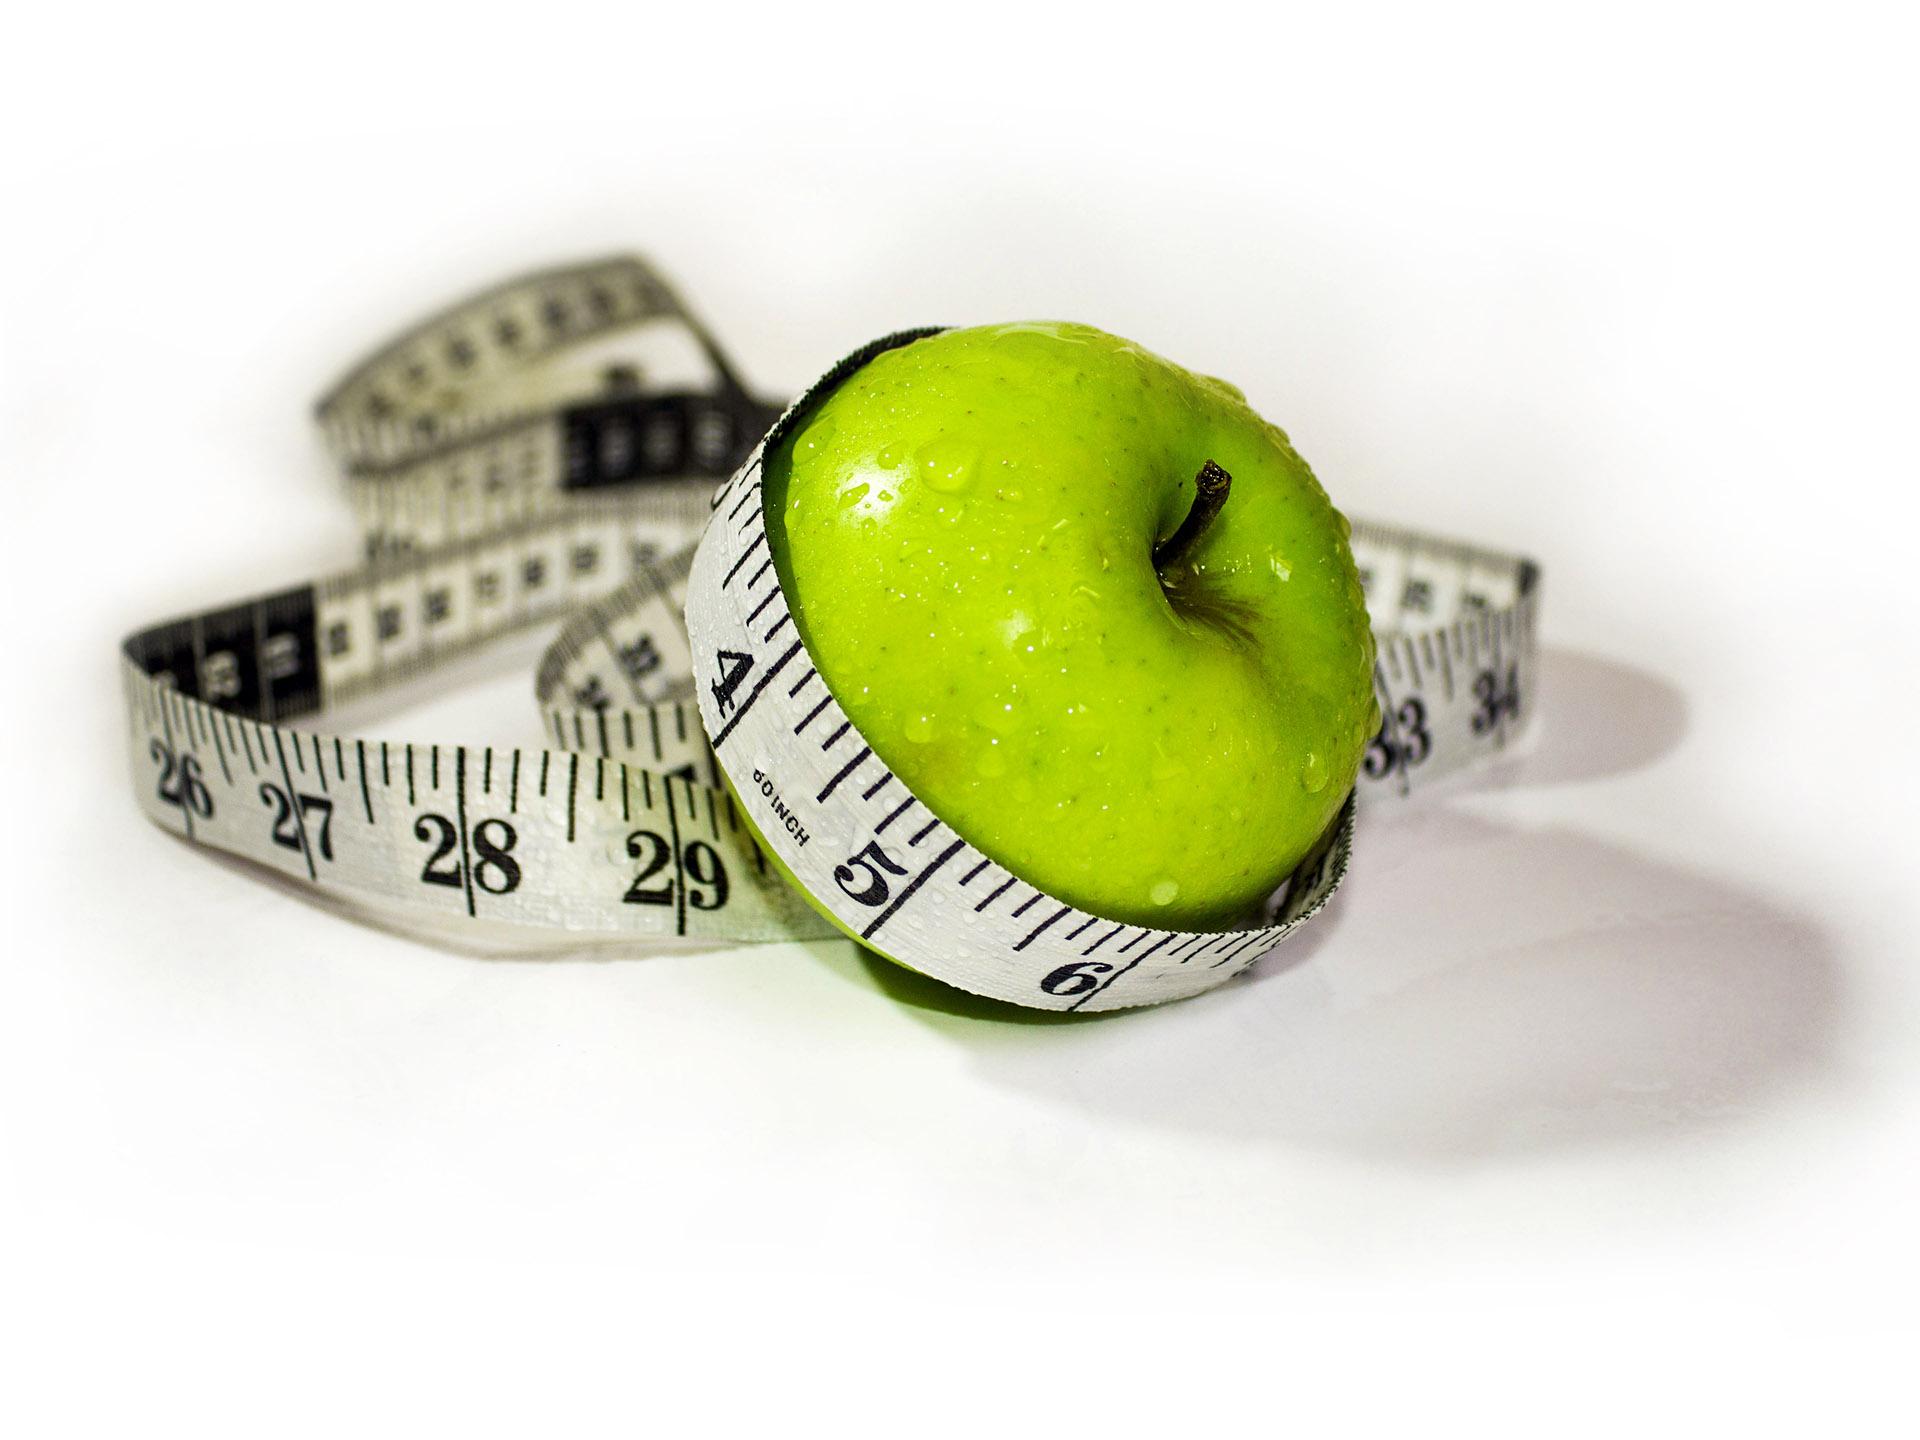 Сколько калорий употреблять в день, чтобы похудеть? считаем калории